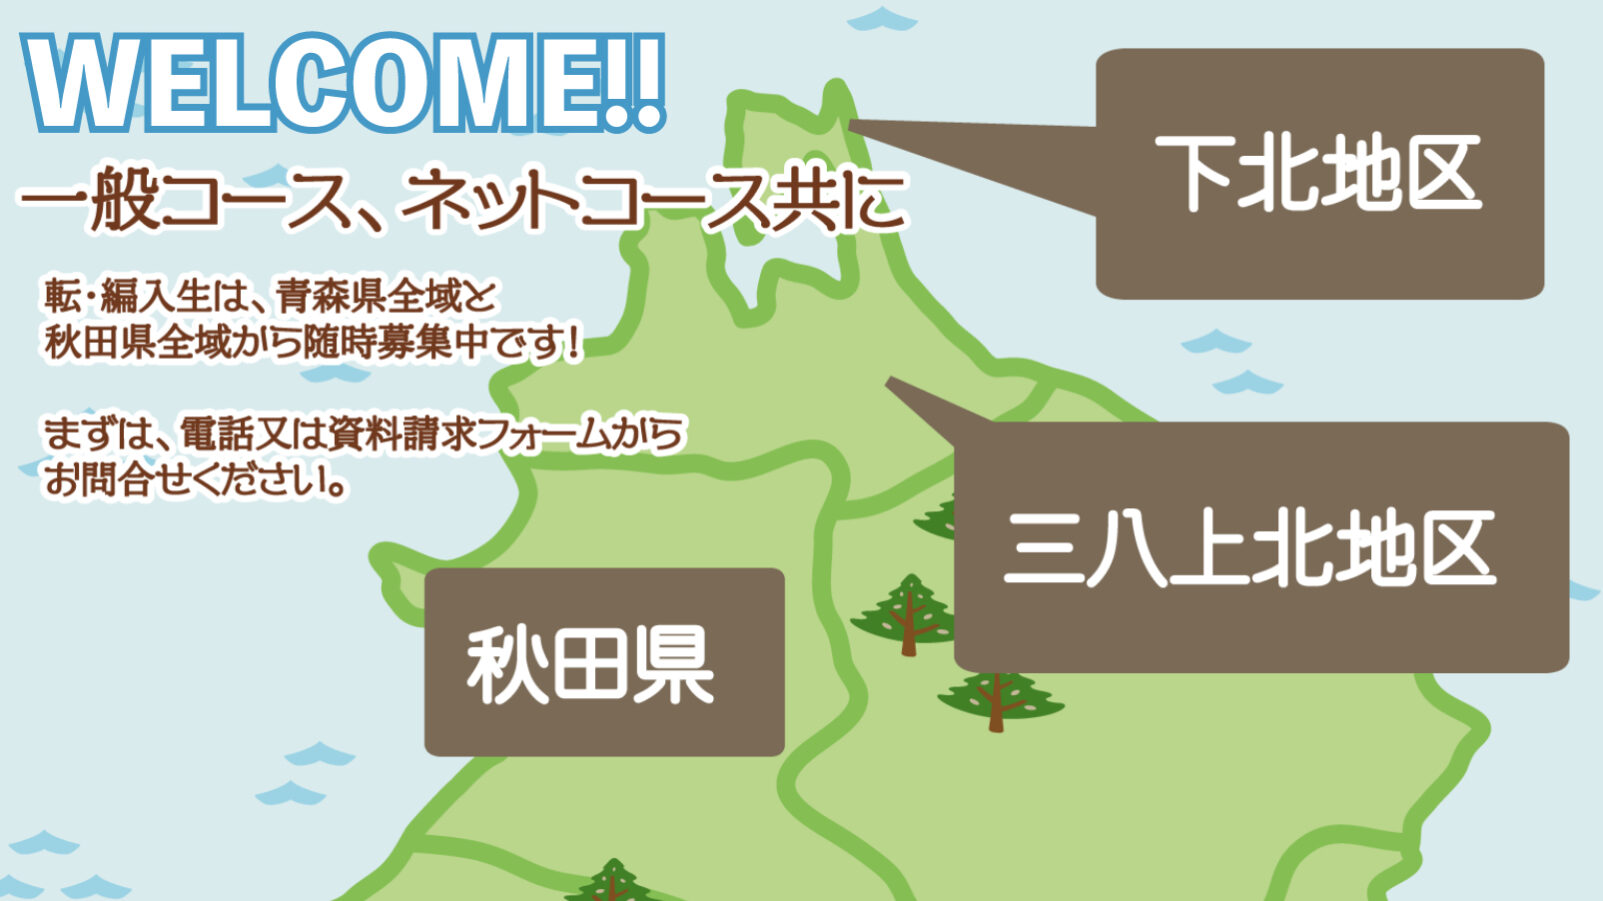 一般コース、ネットコース共に転・編入生は、青森県全域と 秋田県全域から随時募集中です! まずは、電話又は資料請求フォームから お問合せください。